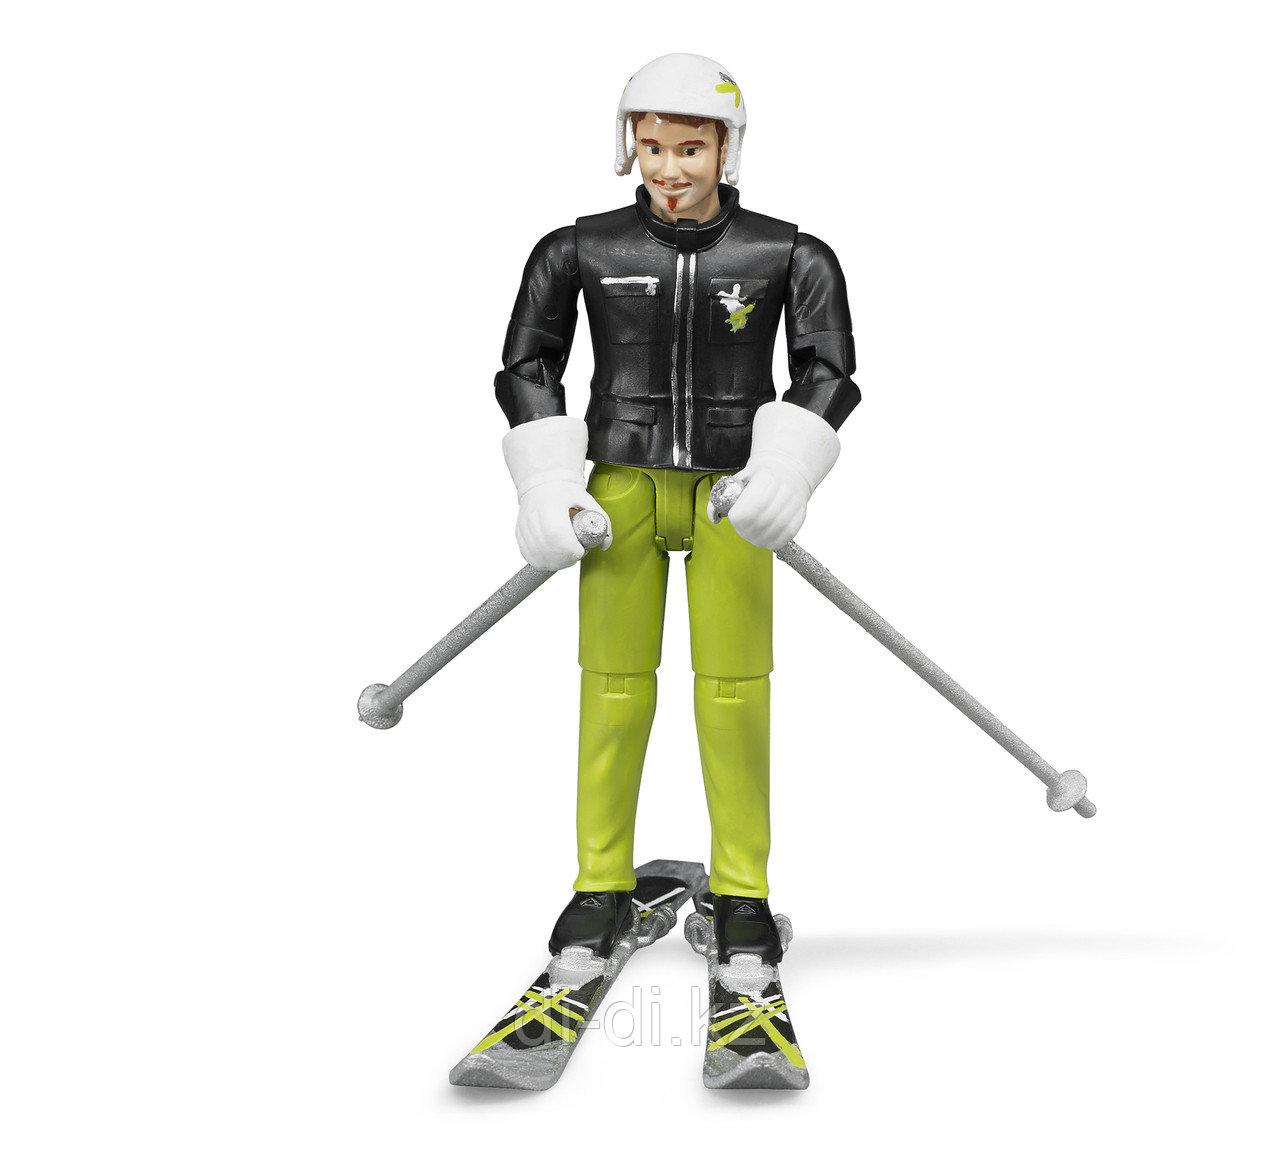 BRUDER Фигурка лыжника с аксессуарами